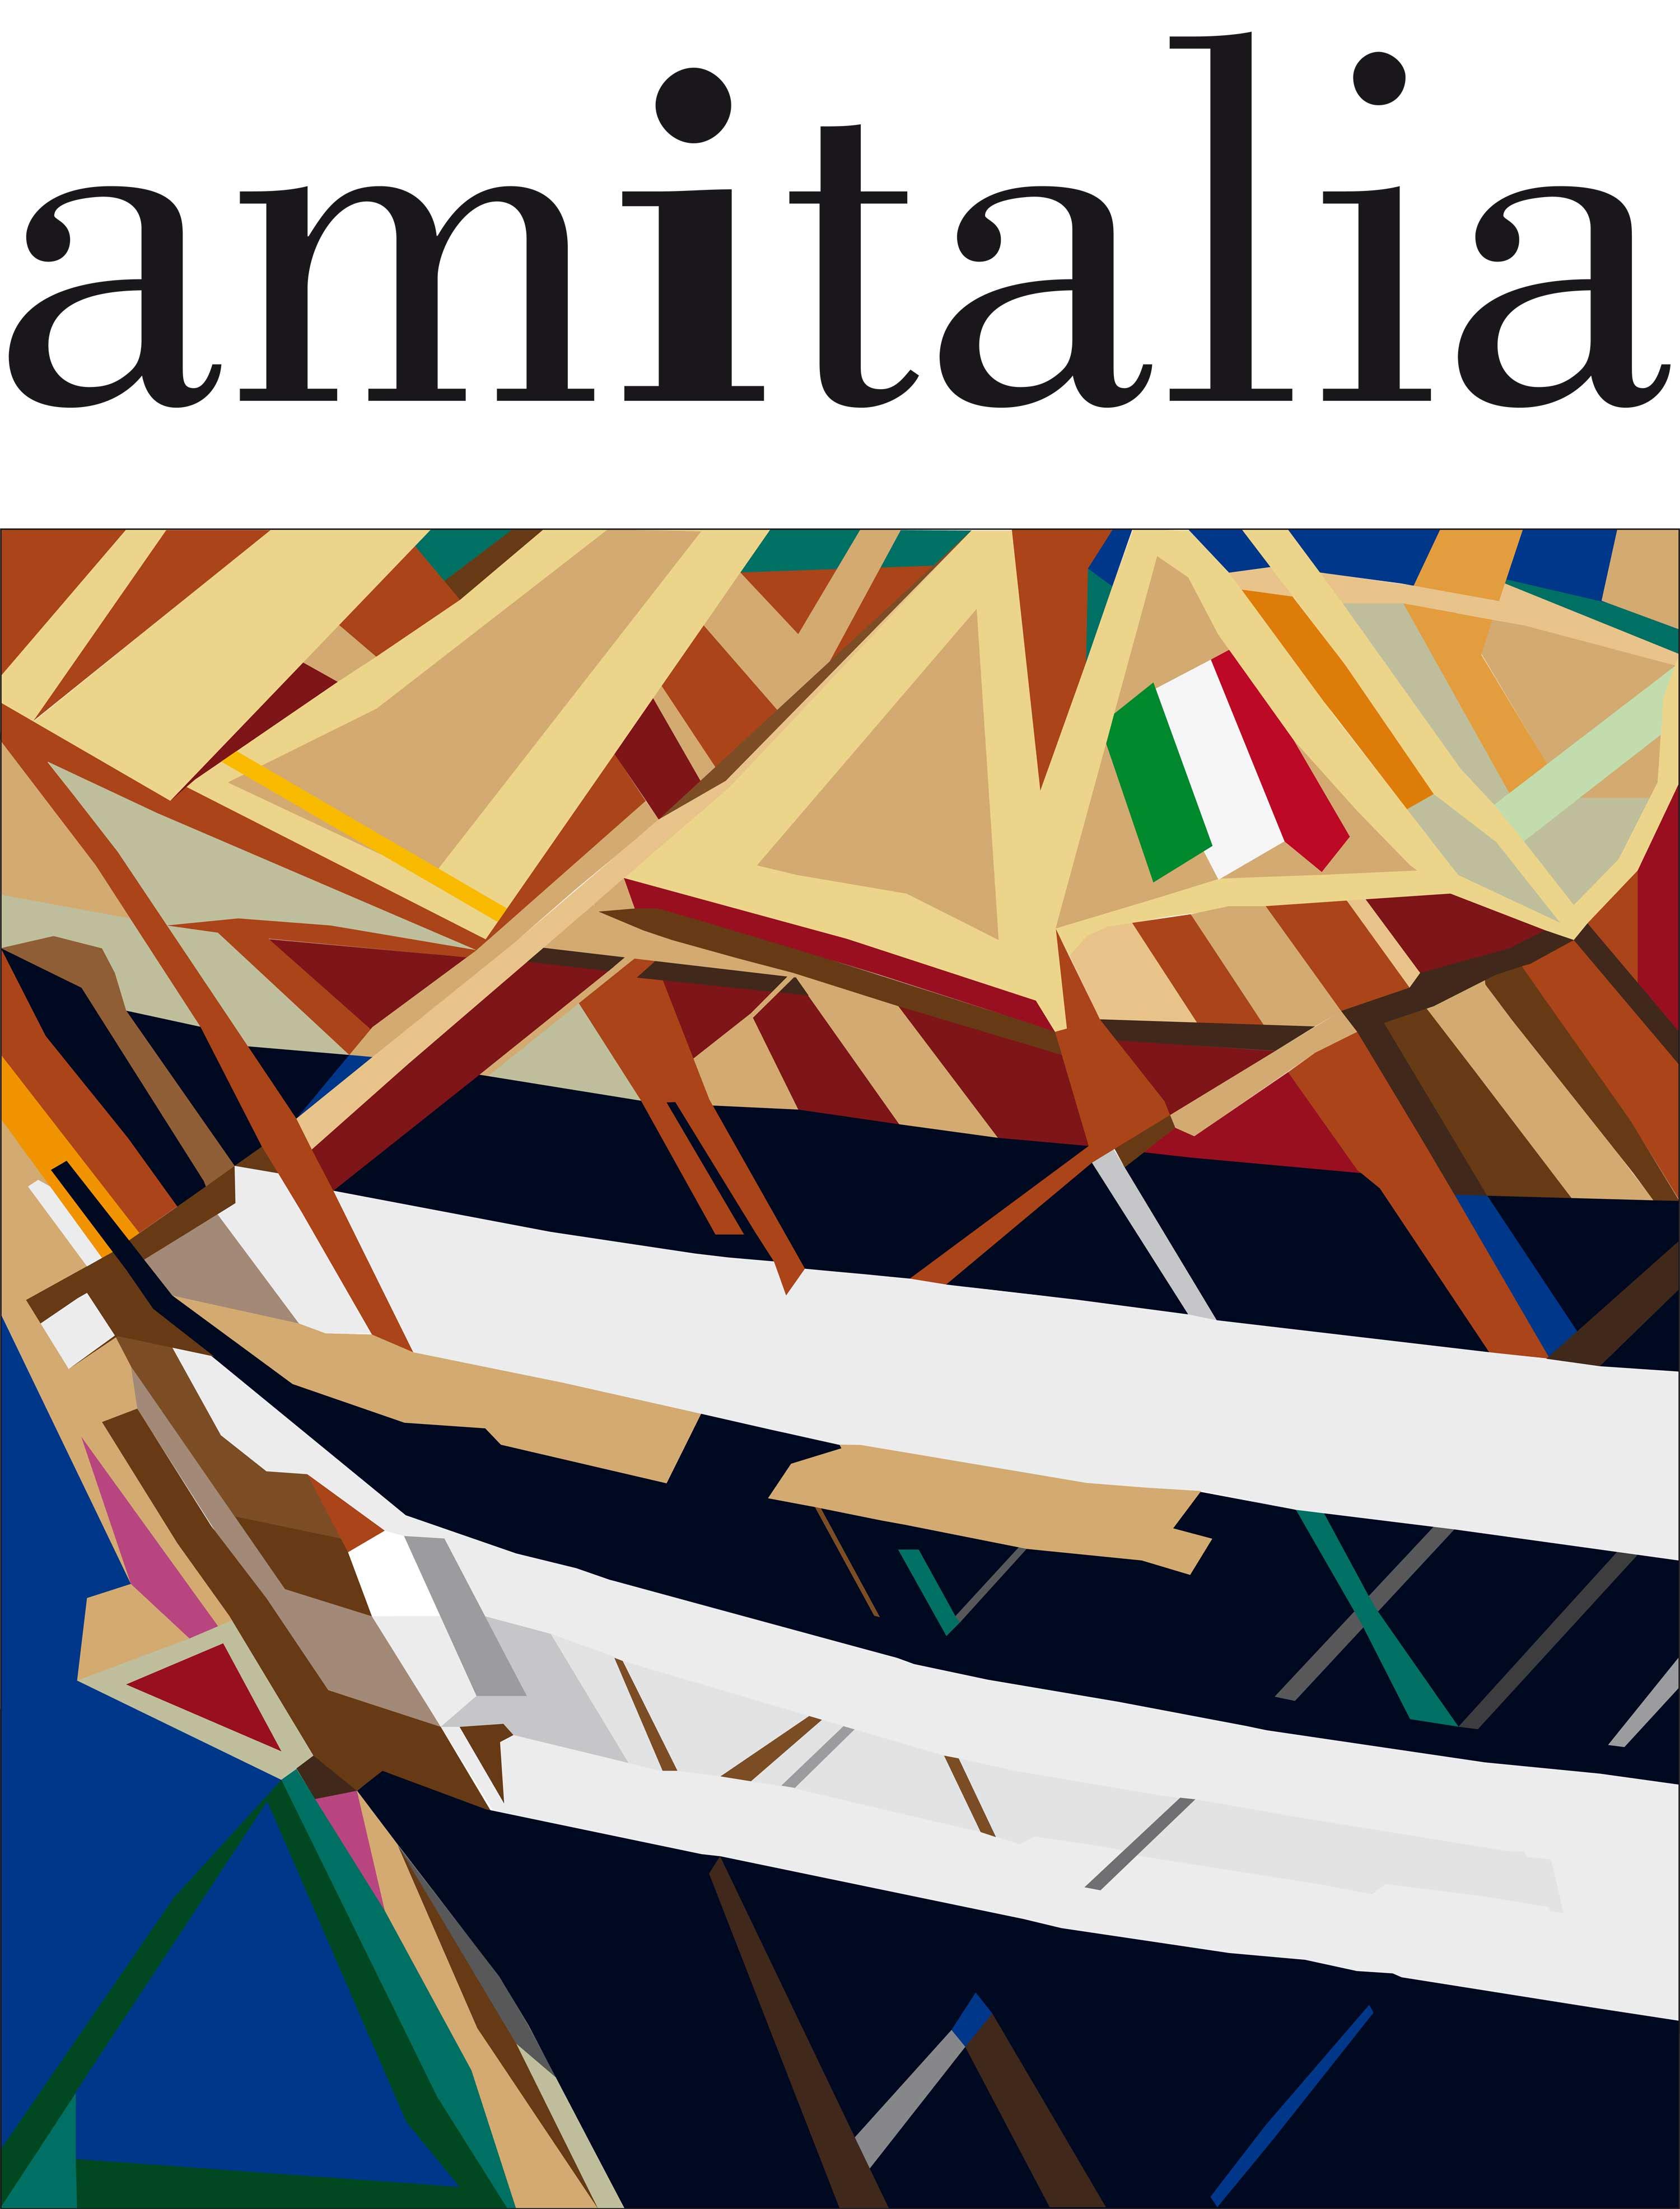 Amitalia Logo